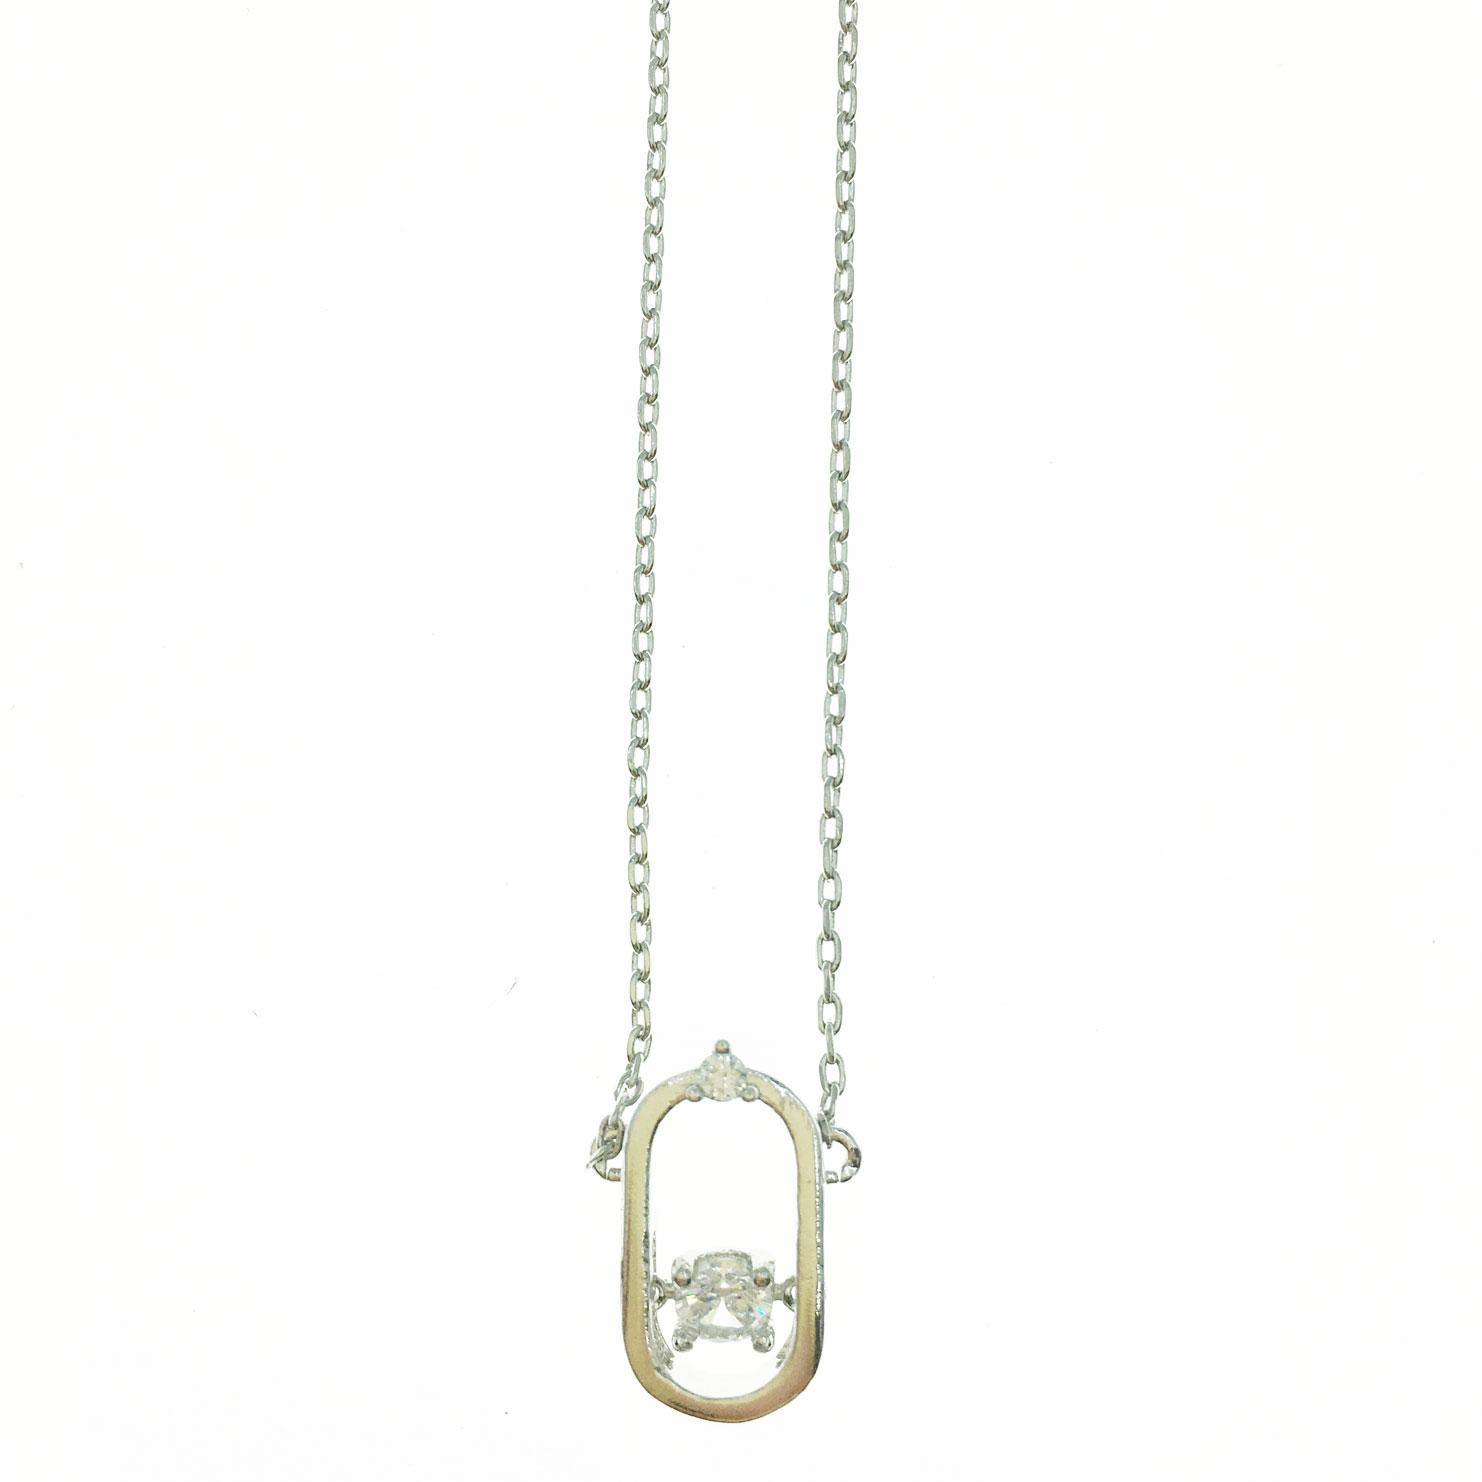 韓國 水鑽 橢圓 簍空 造型 銀色 明星款飾品 短鍊 項鍊